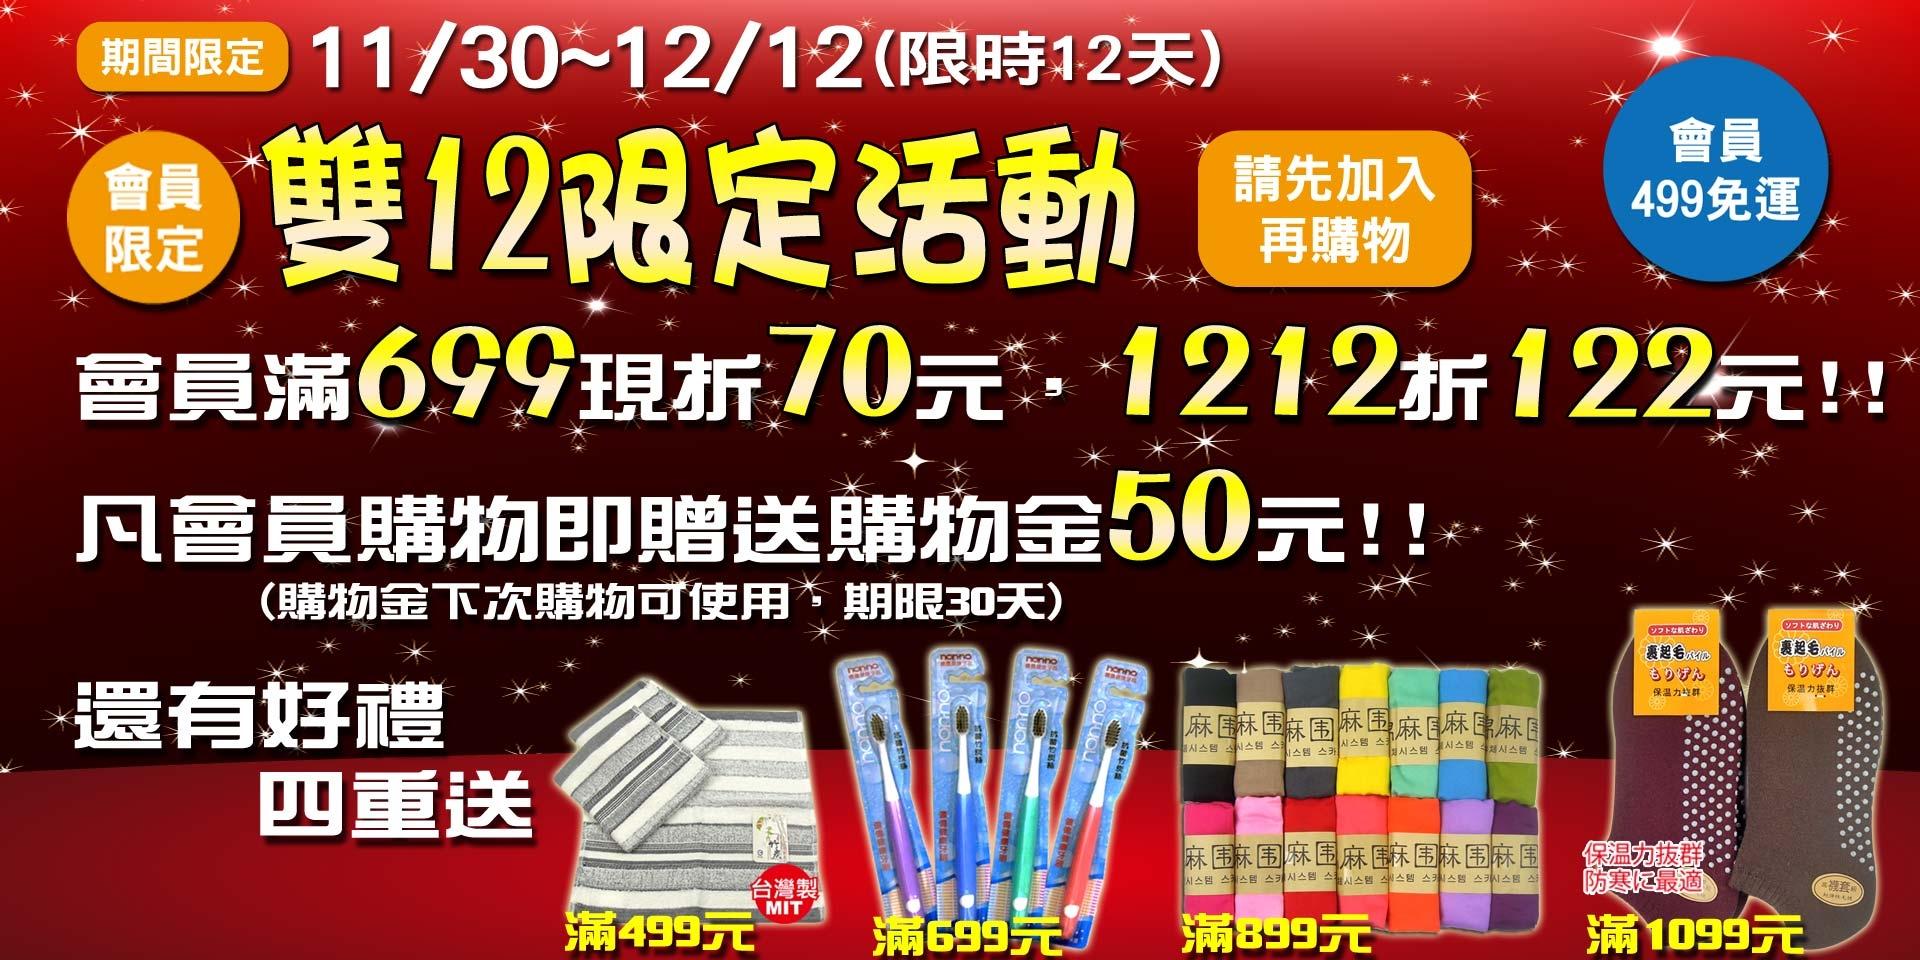 慶雙12~會員滿499免運、滿699現折70、滿1212現折122元 (12/12截止)